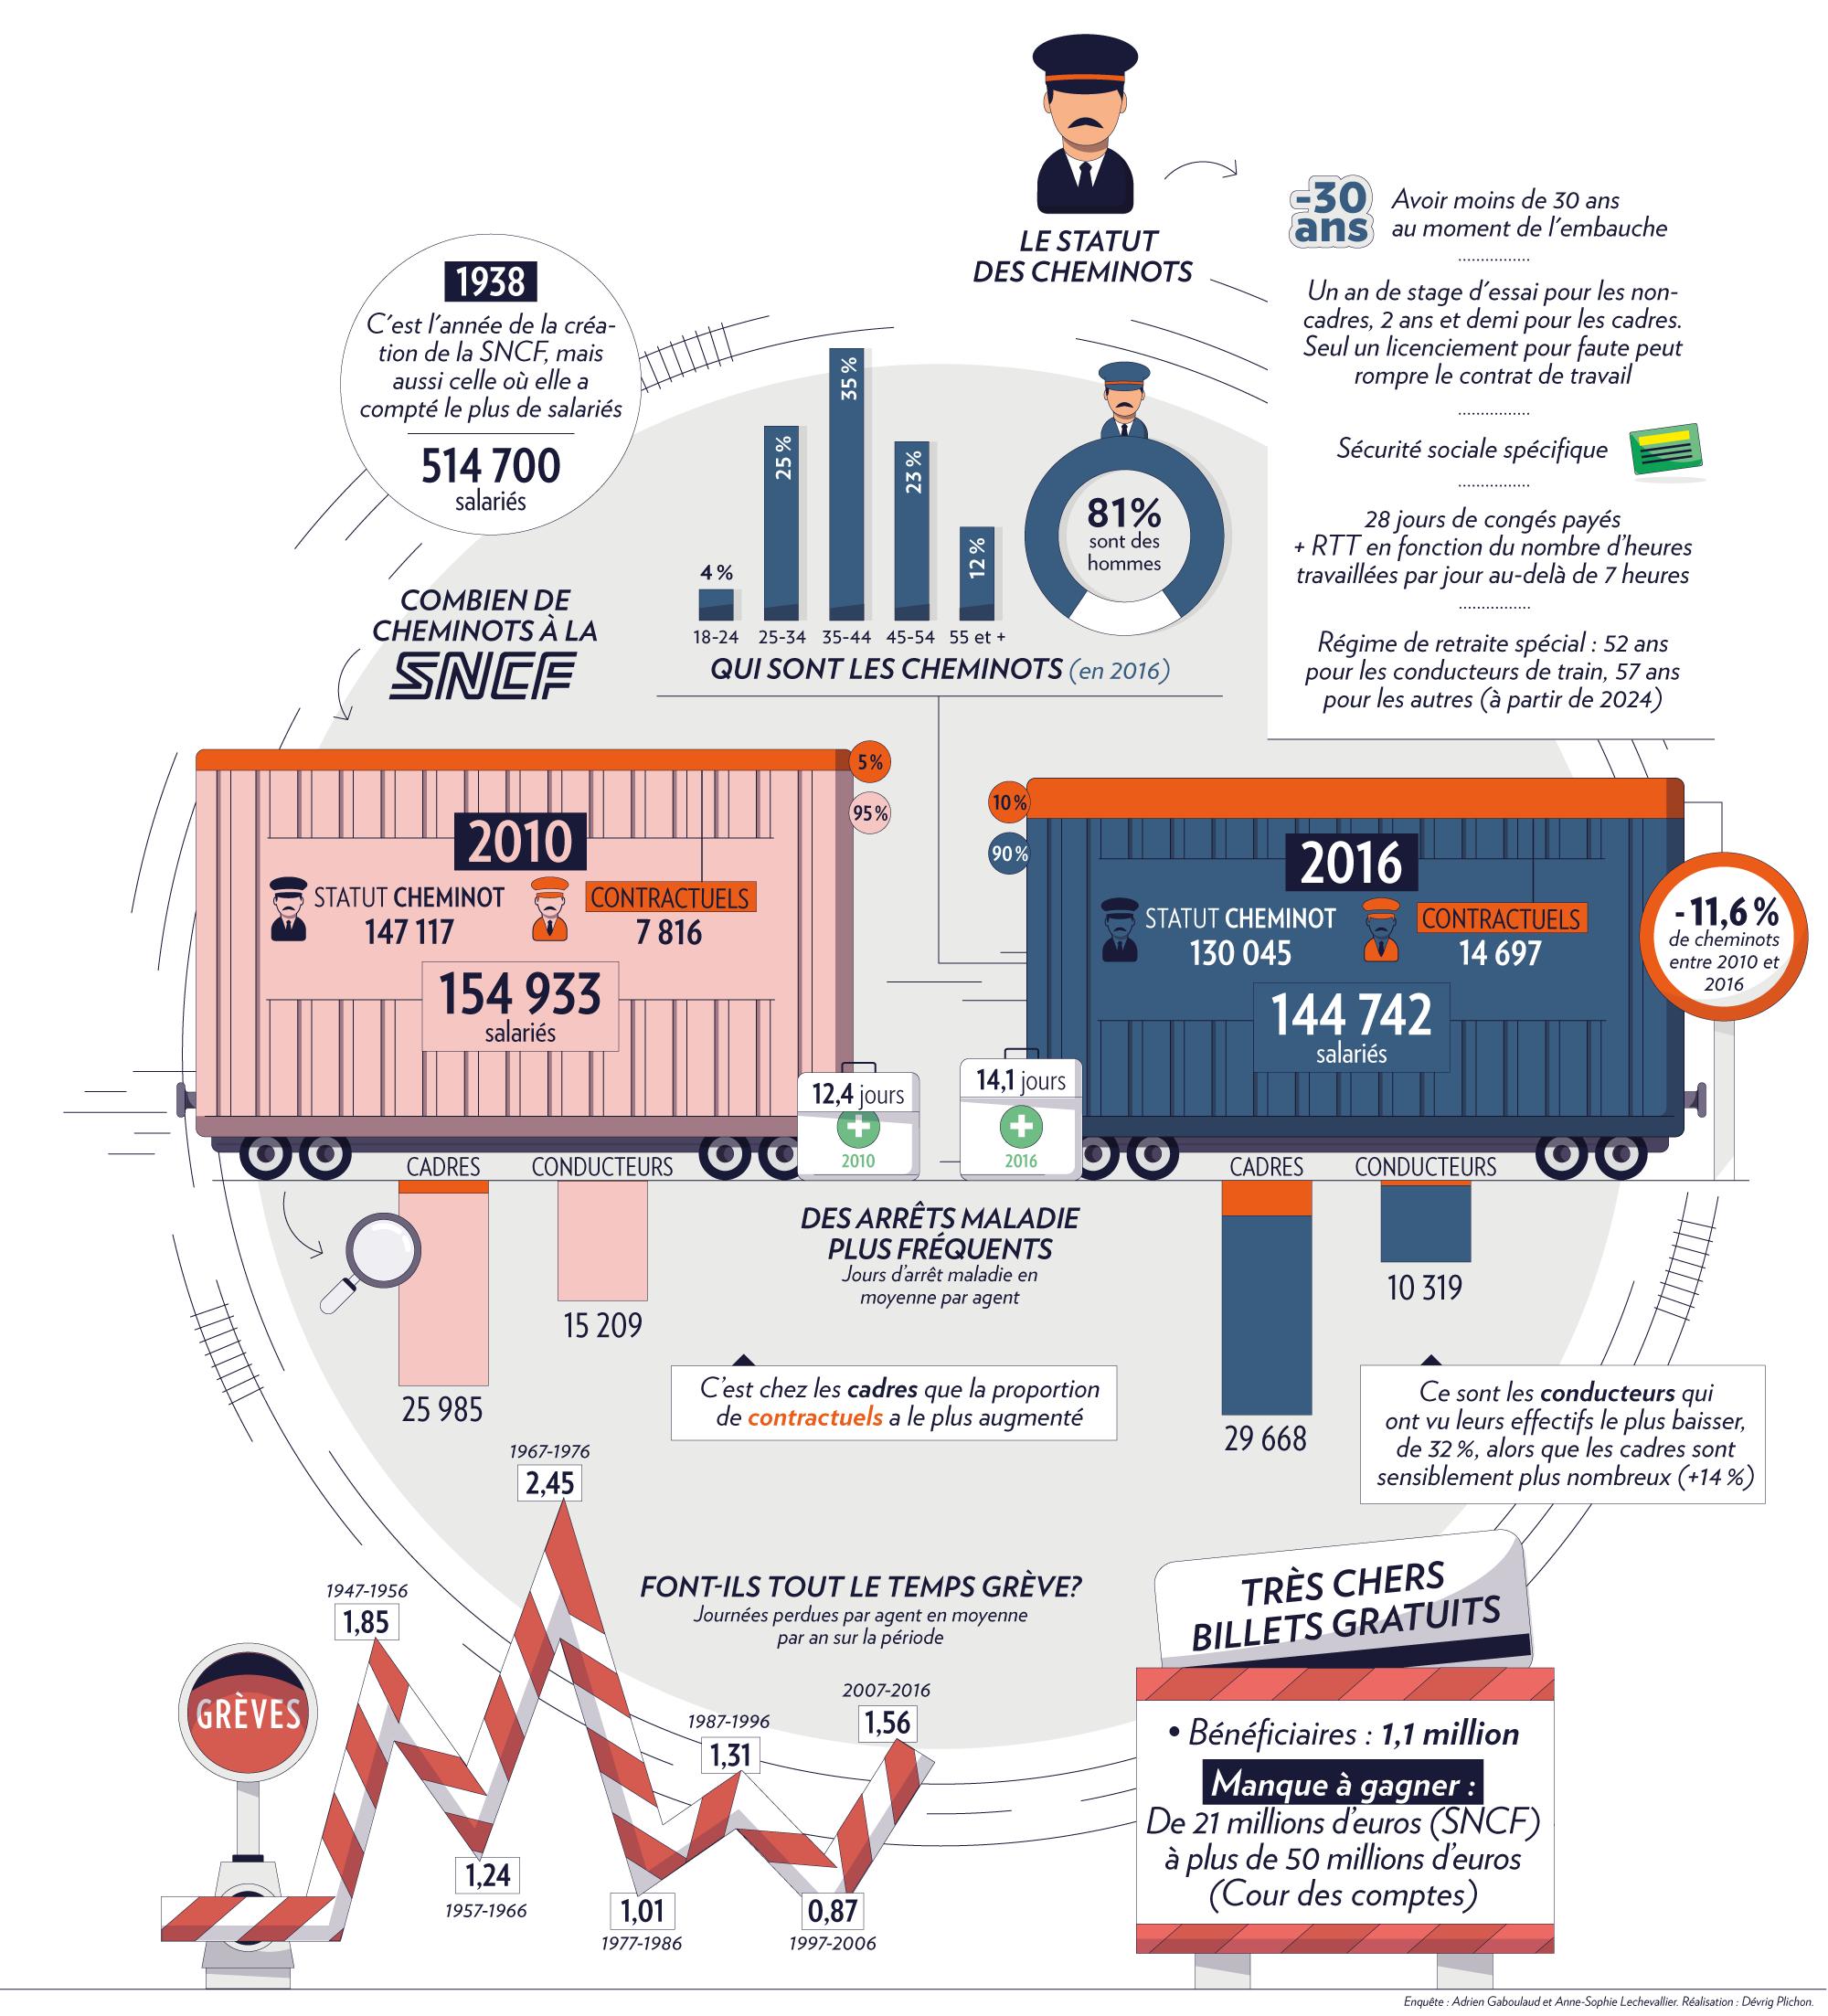 Infographie sur les cheminots de la SNCF